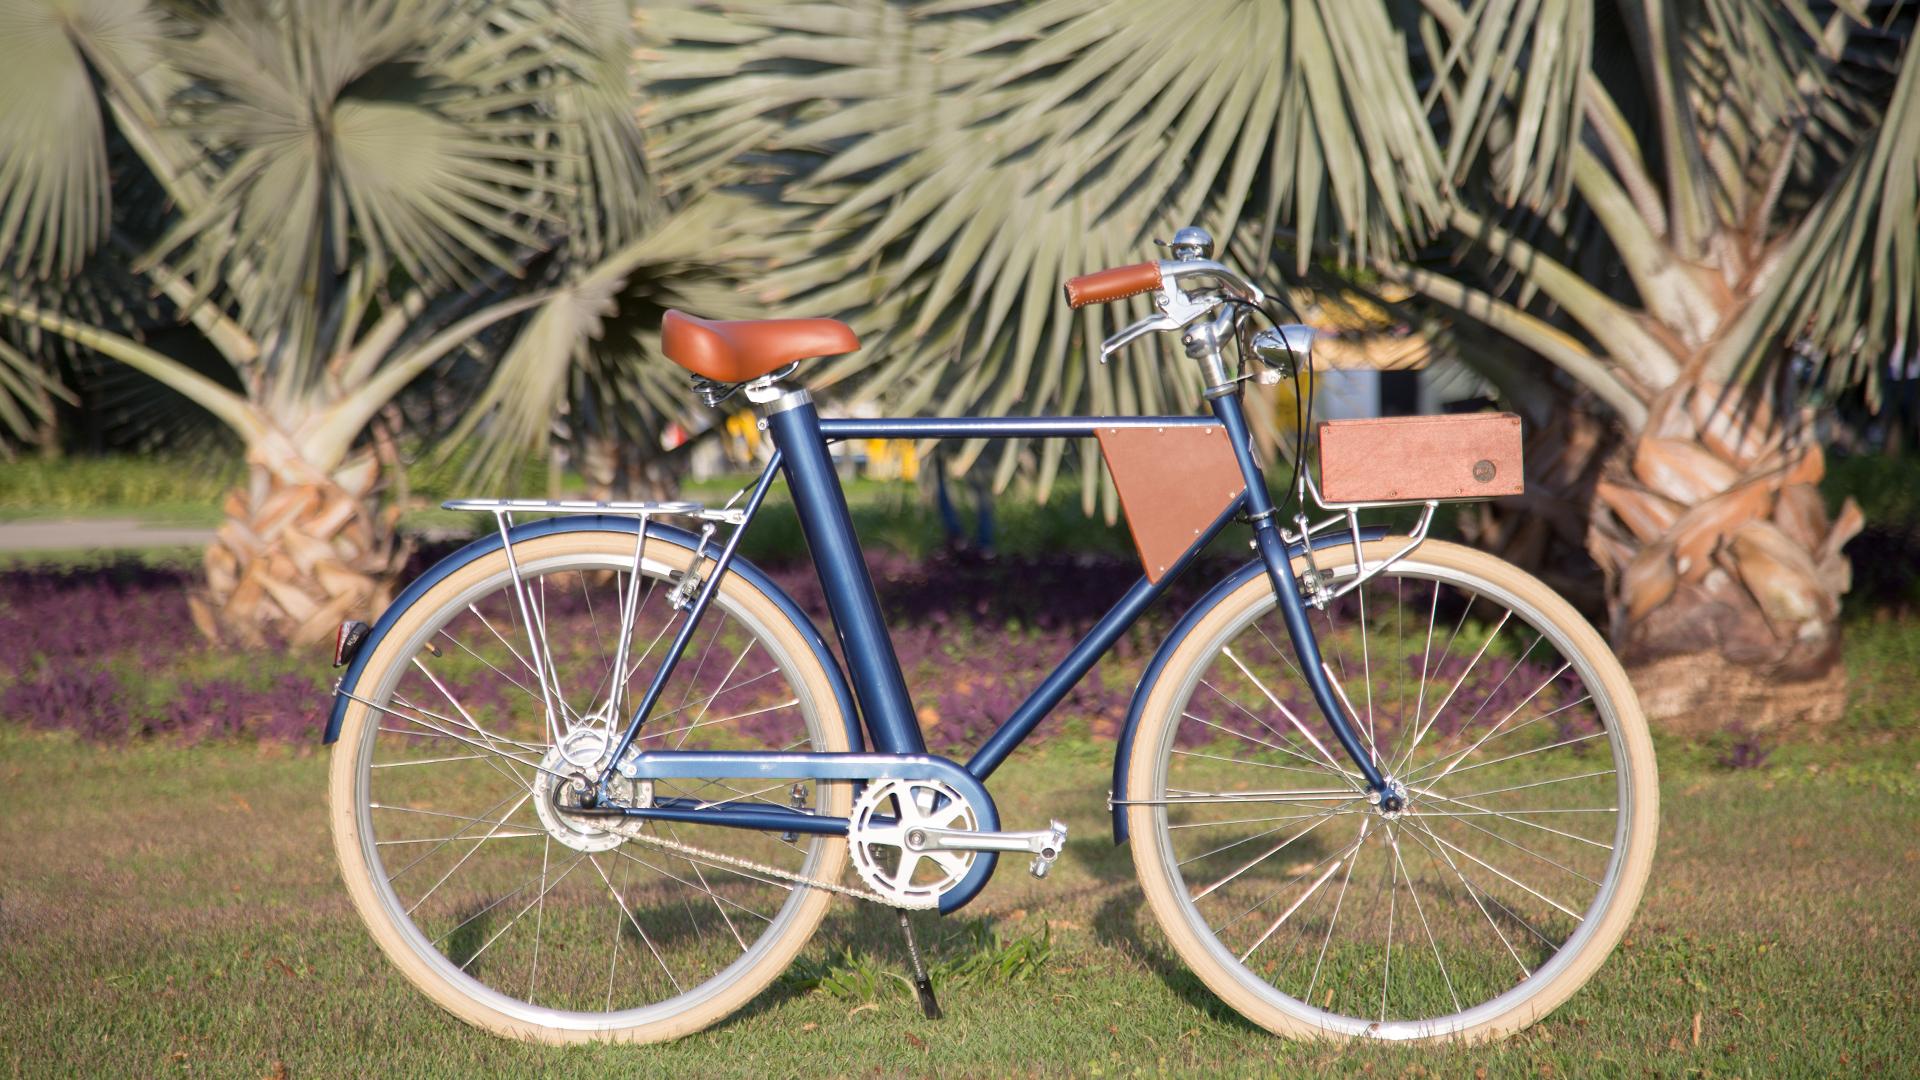 A Vela 1, lançada em 2015, com estilo mais clássico e feita para passeios - vai bem na ciclovia (Foto: Divulgação)